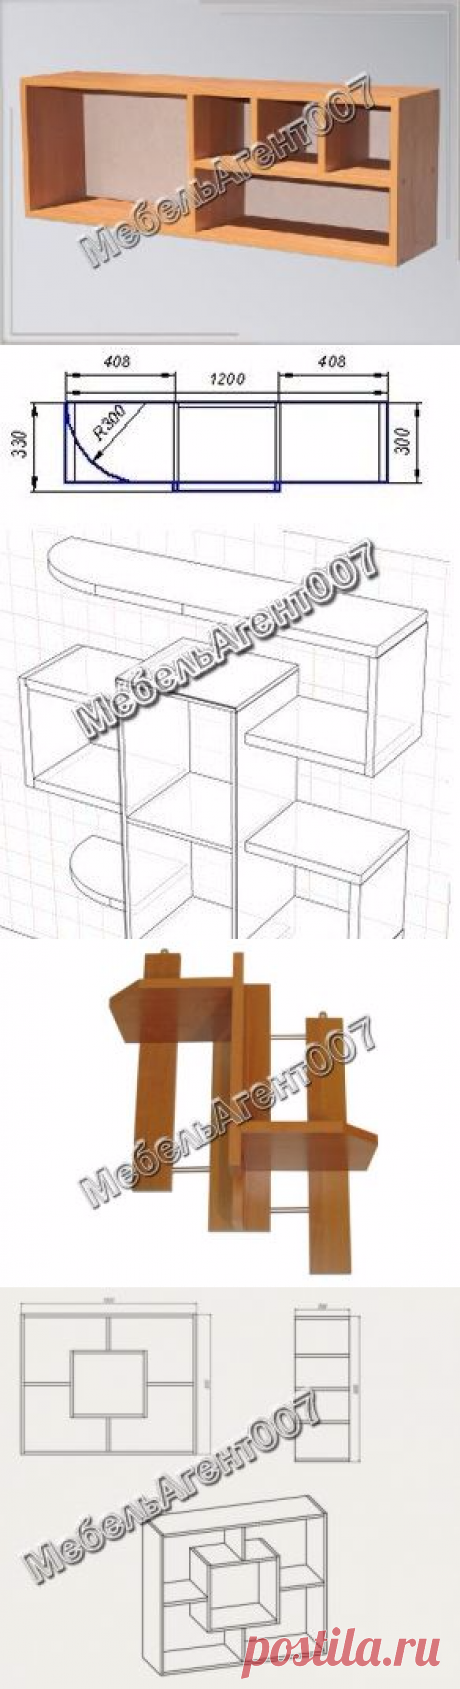 Как сделать оригинальную навесную полку для кухни или жилого помещения. Чертежи и образцы многофункциональных навесных полок (Как сделать мебель самому)